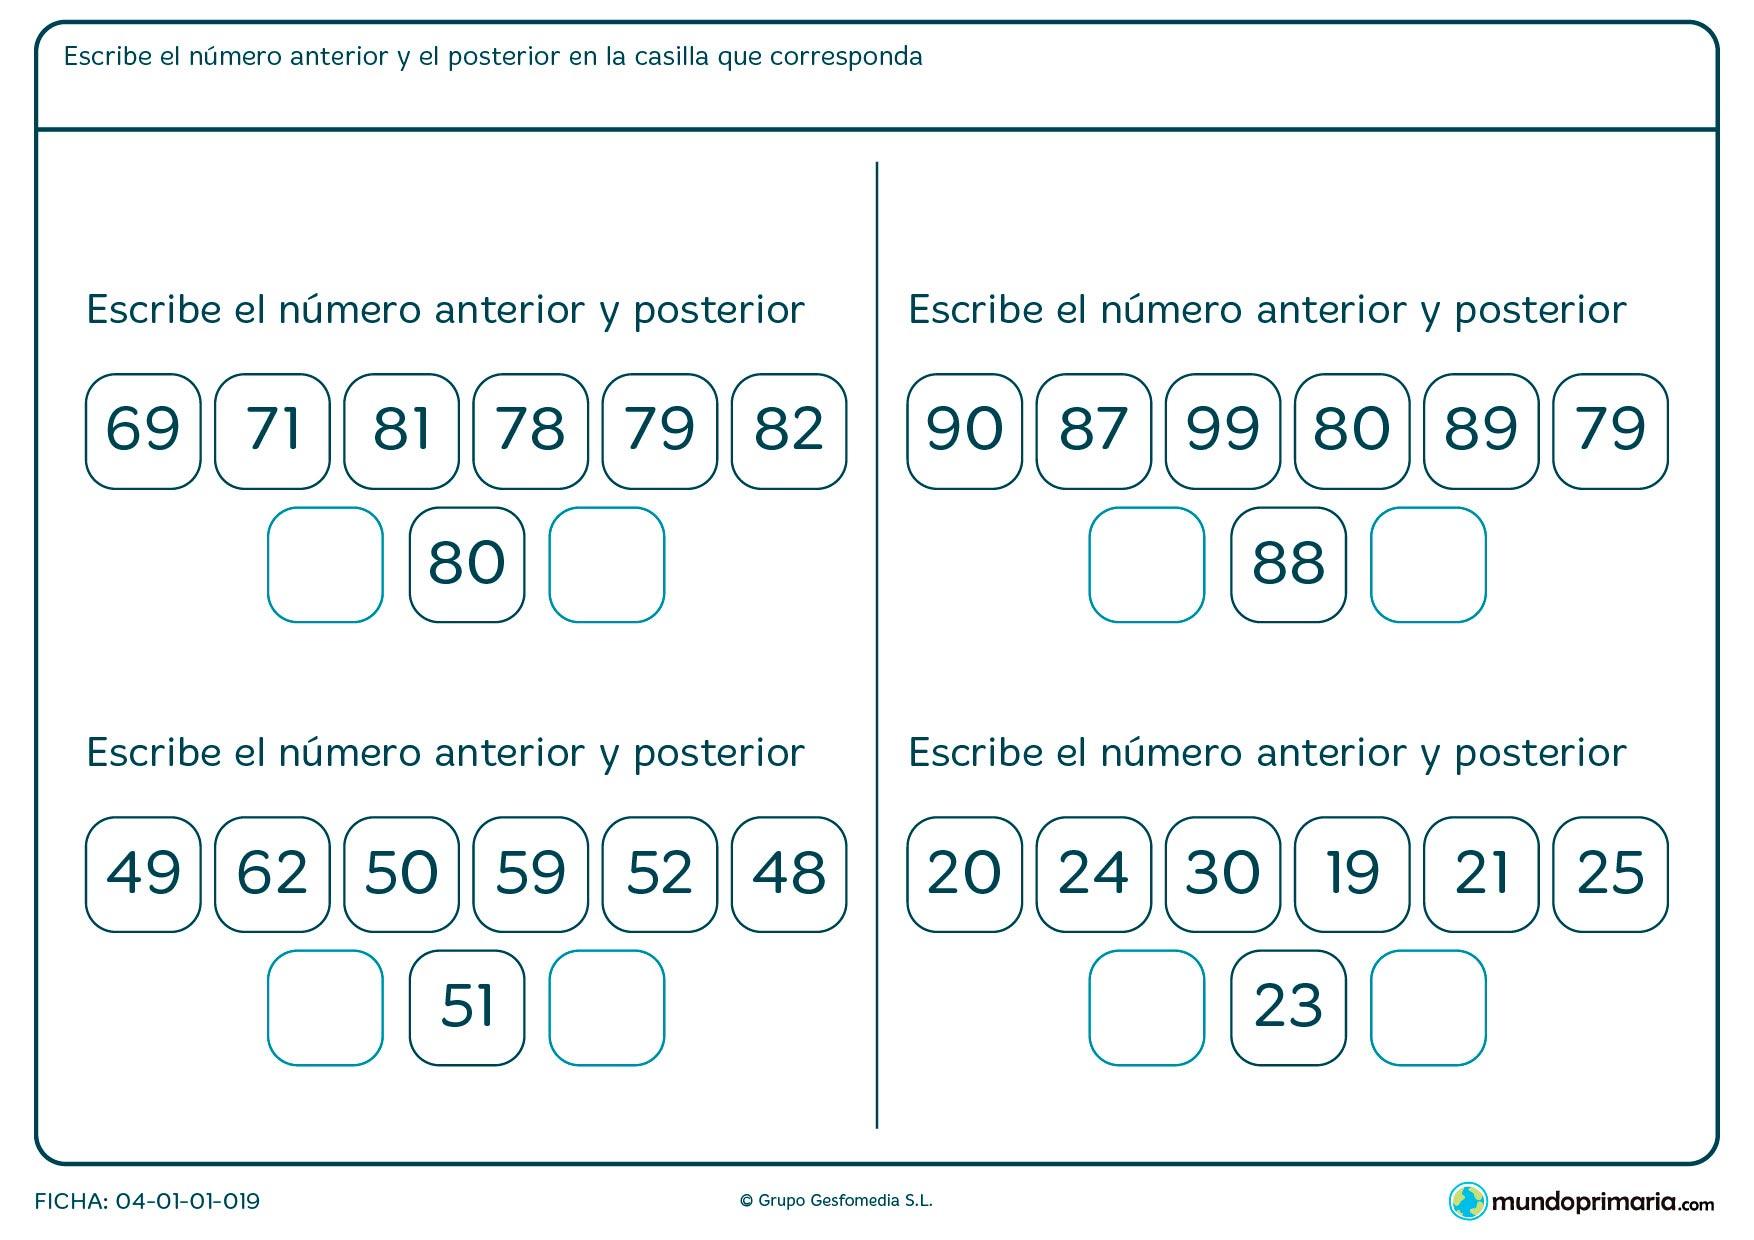 Ficha de poner número posterior y anterior correctamente con las opciones que te facilitamos,